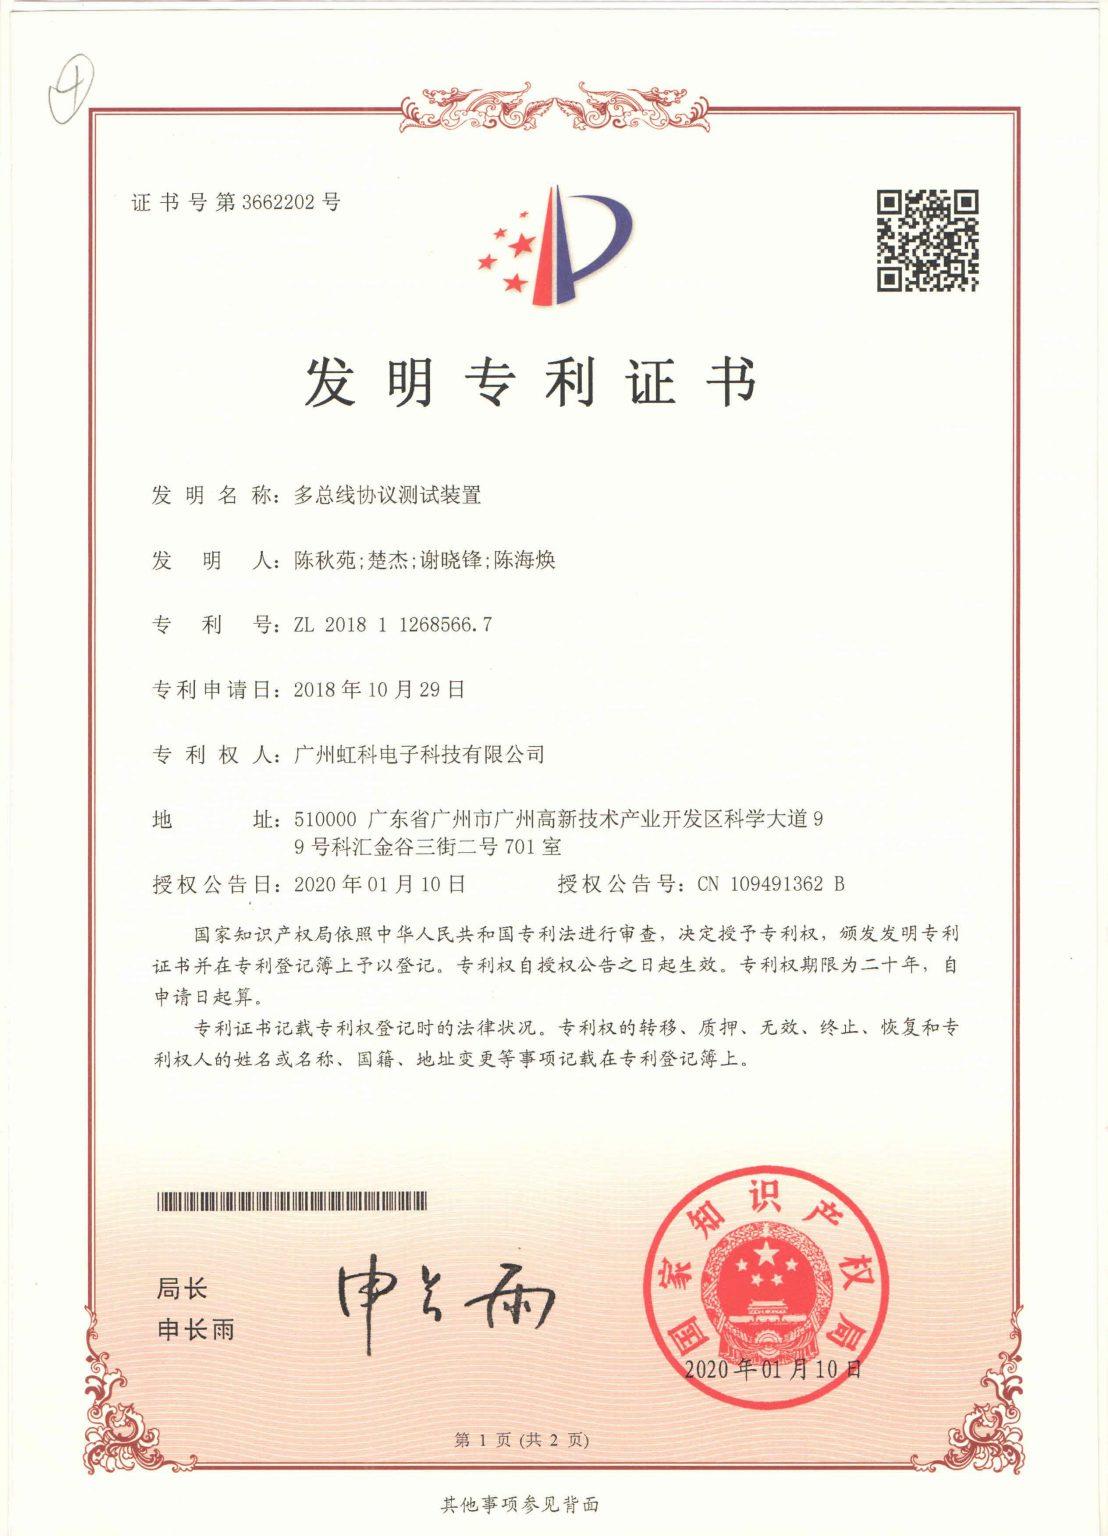 发明专利-2-1108x1536